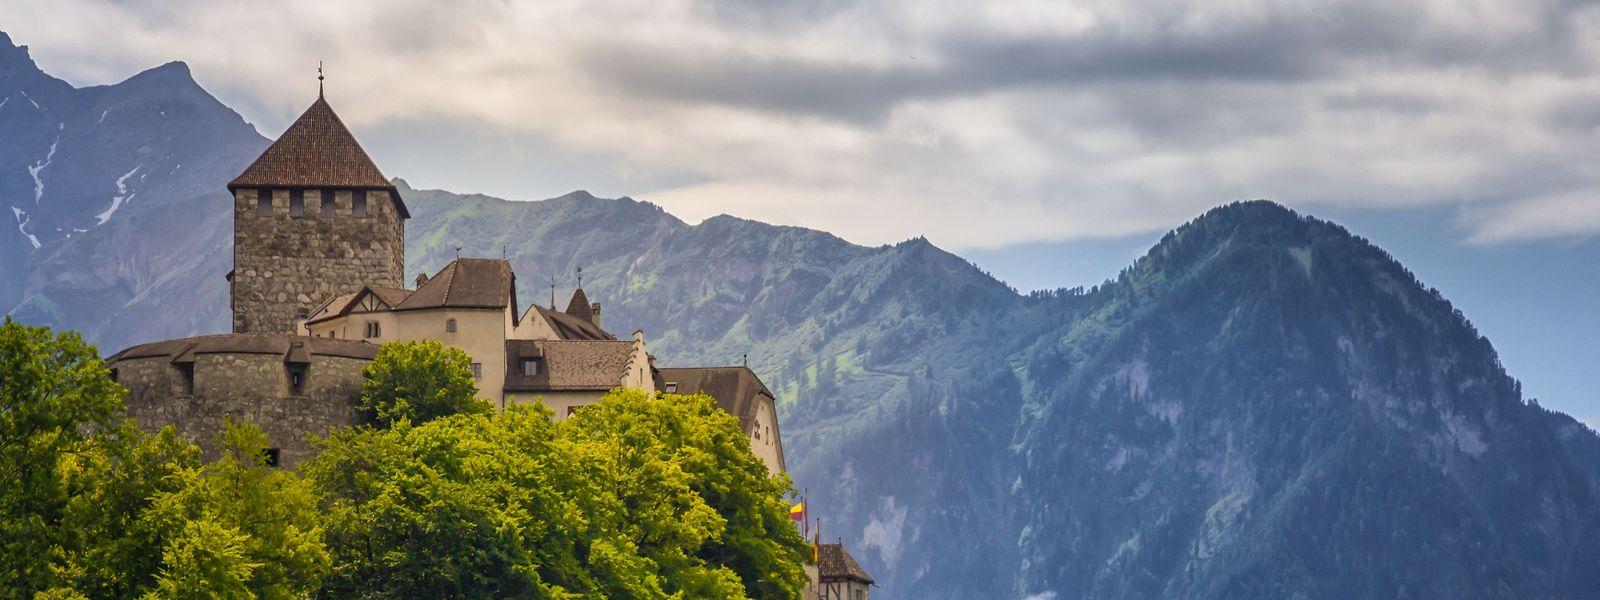 Die Residenz der Fürstenfamilie in Vaduz.